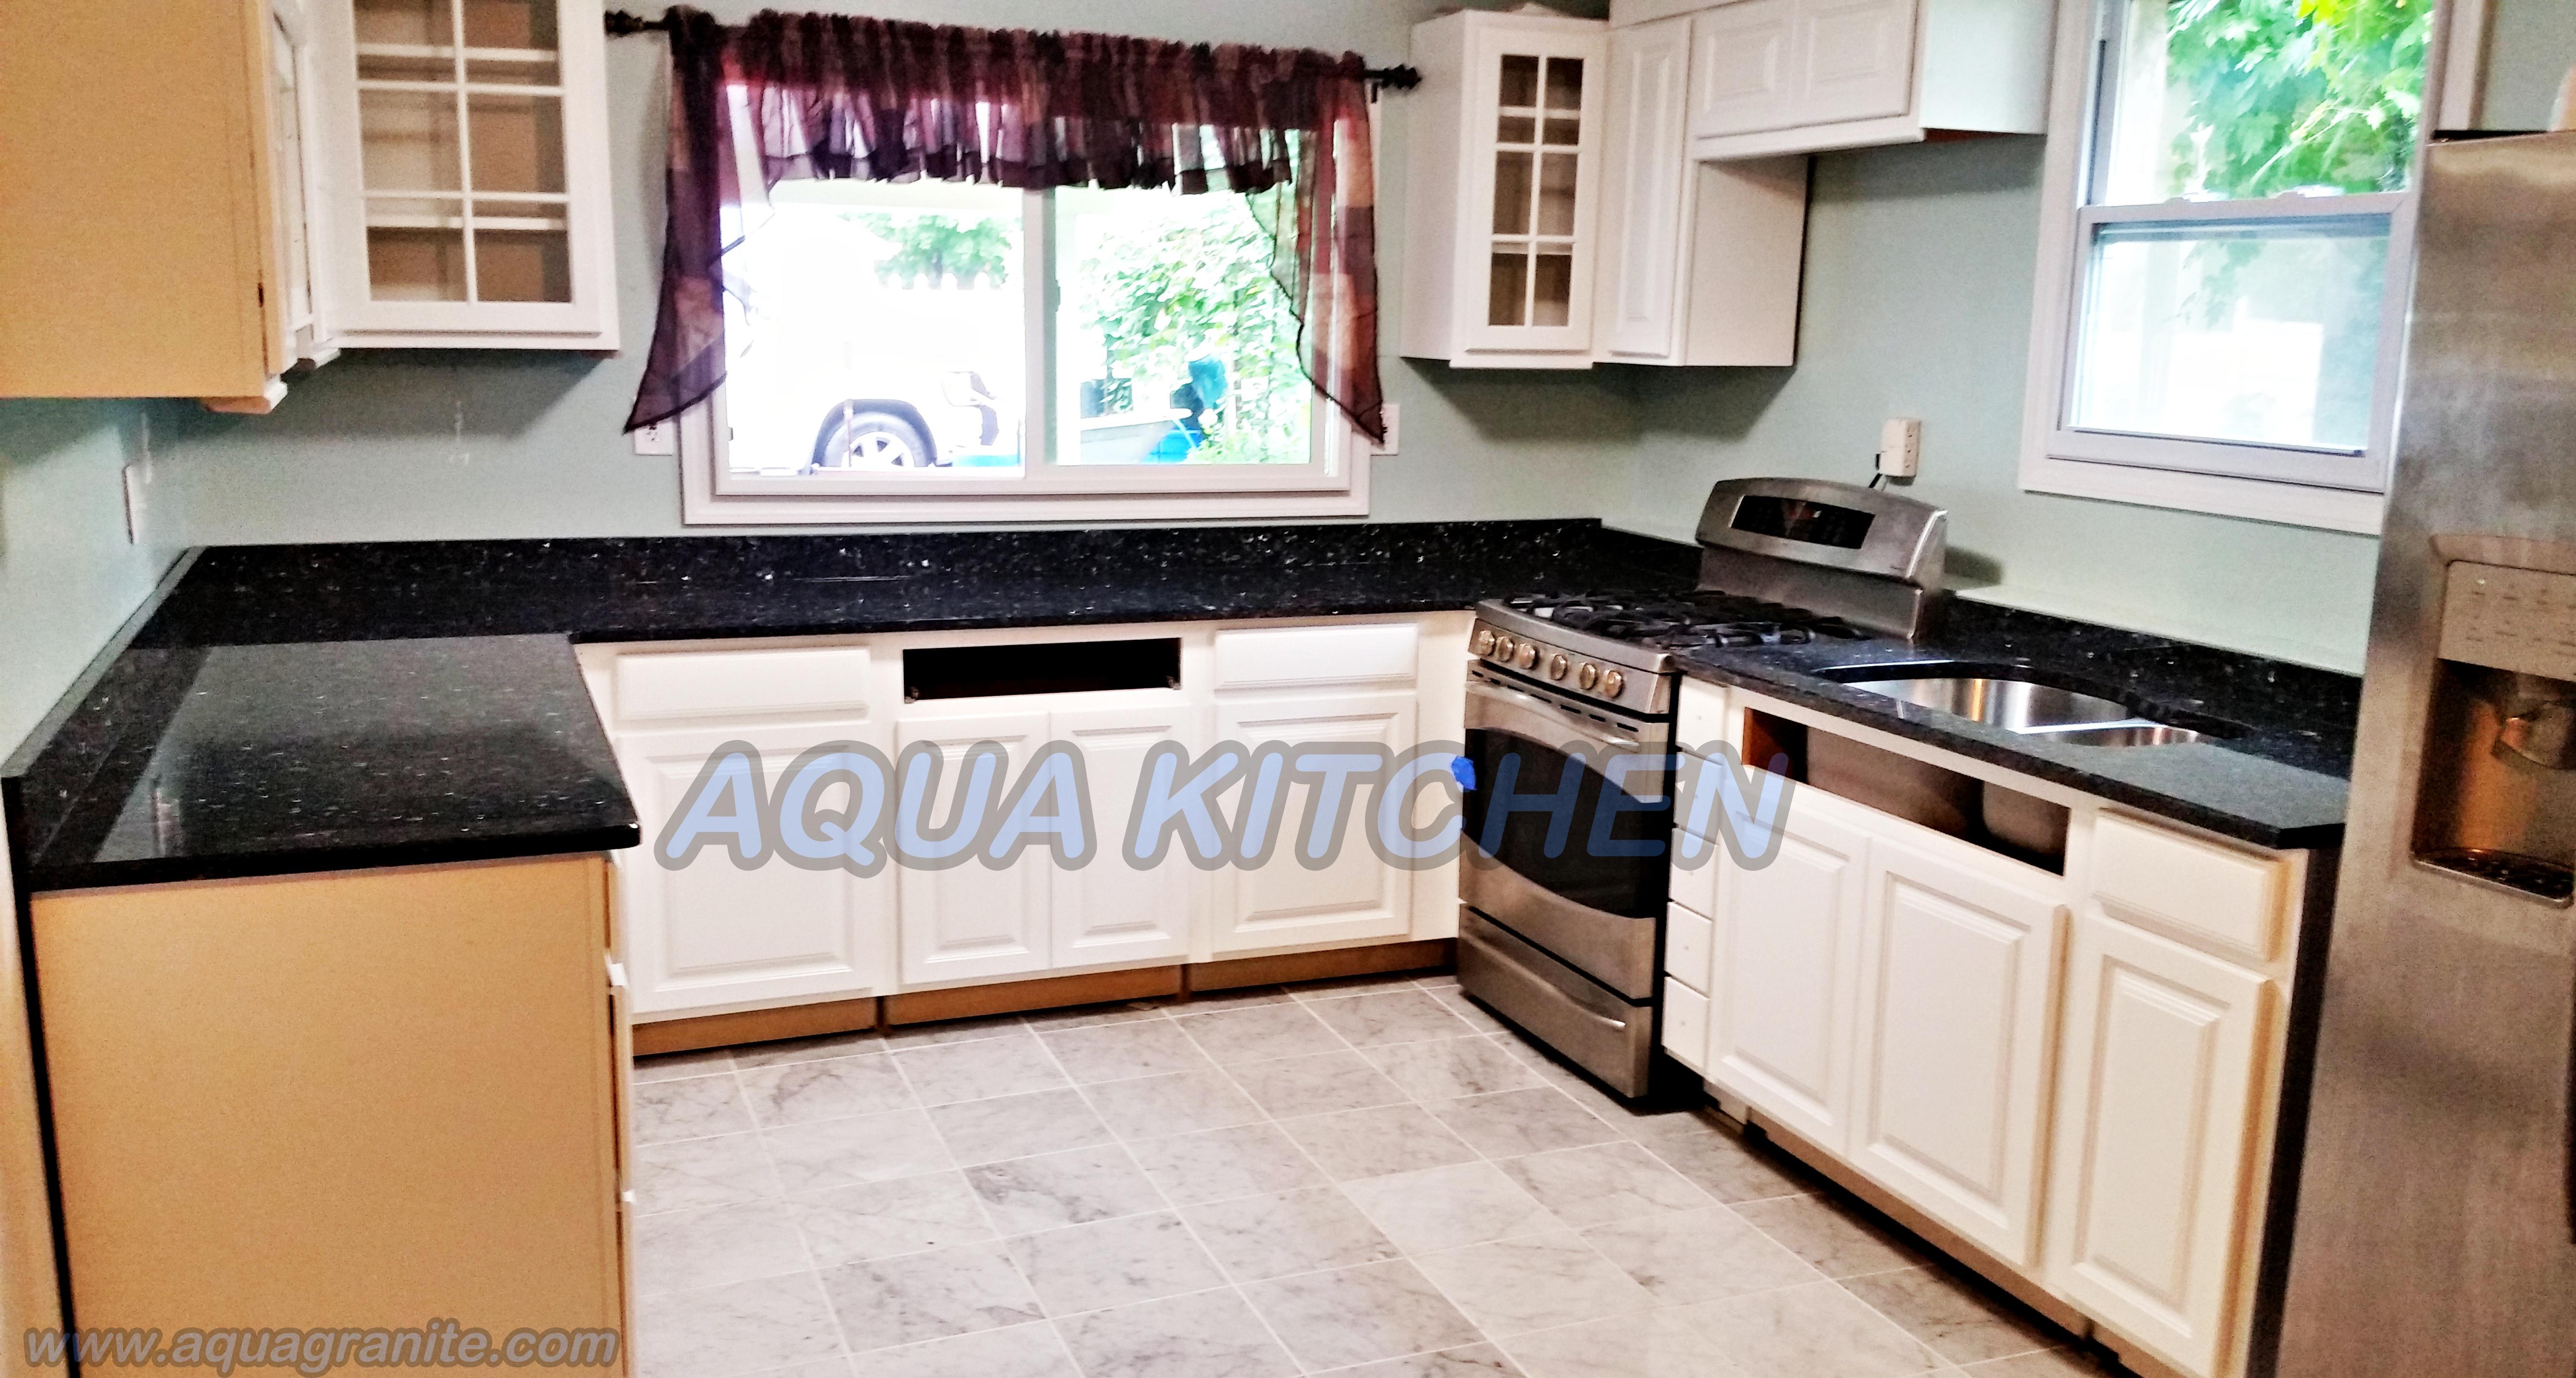 Granite Countertops Nj : Blue Pearl Granite Countertop Installation in Wayne, New Jersey